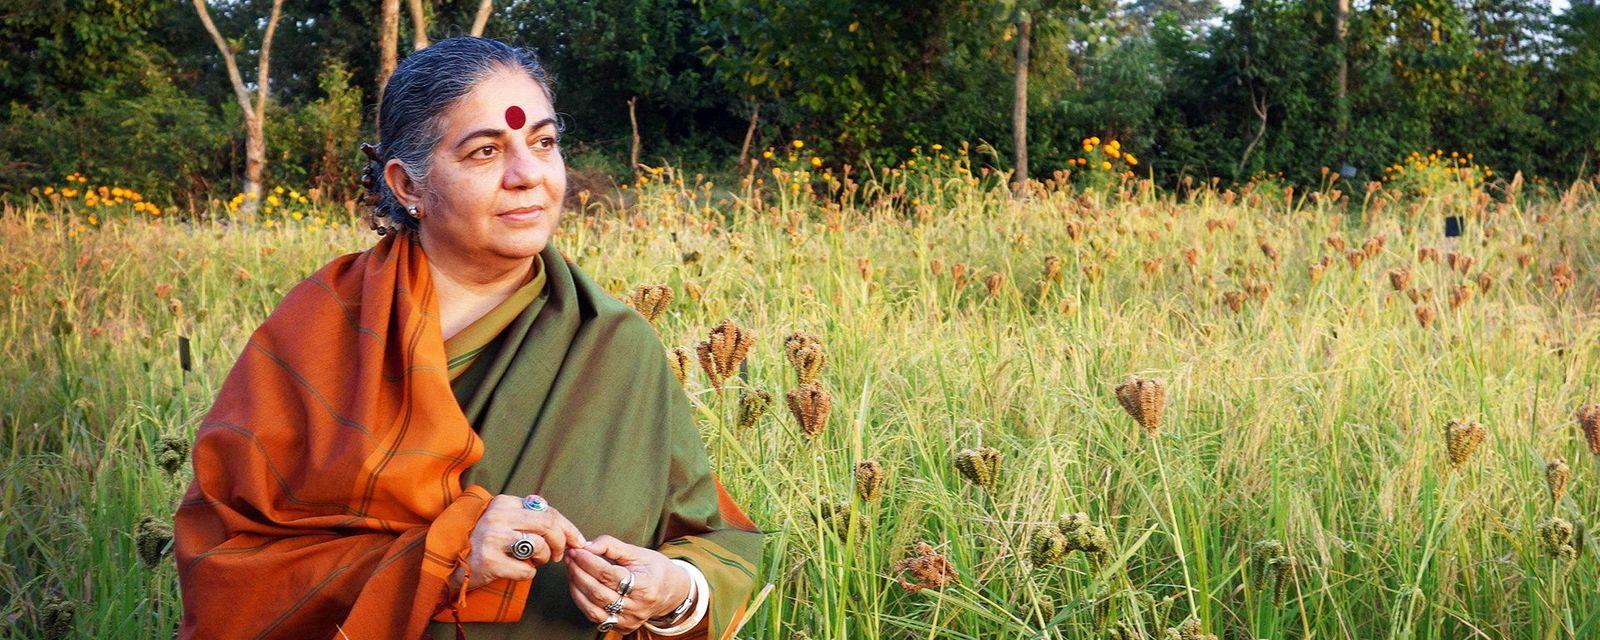 Vanda Shiva y la alimentación sana